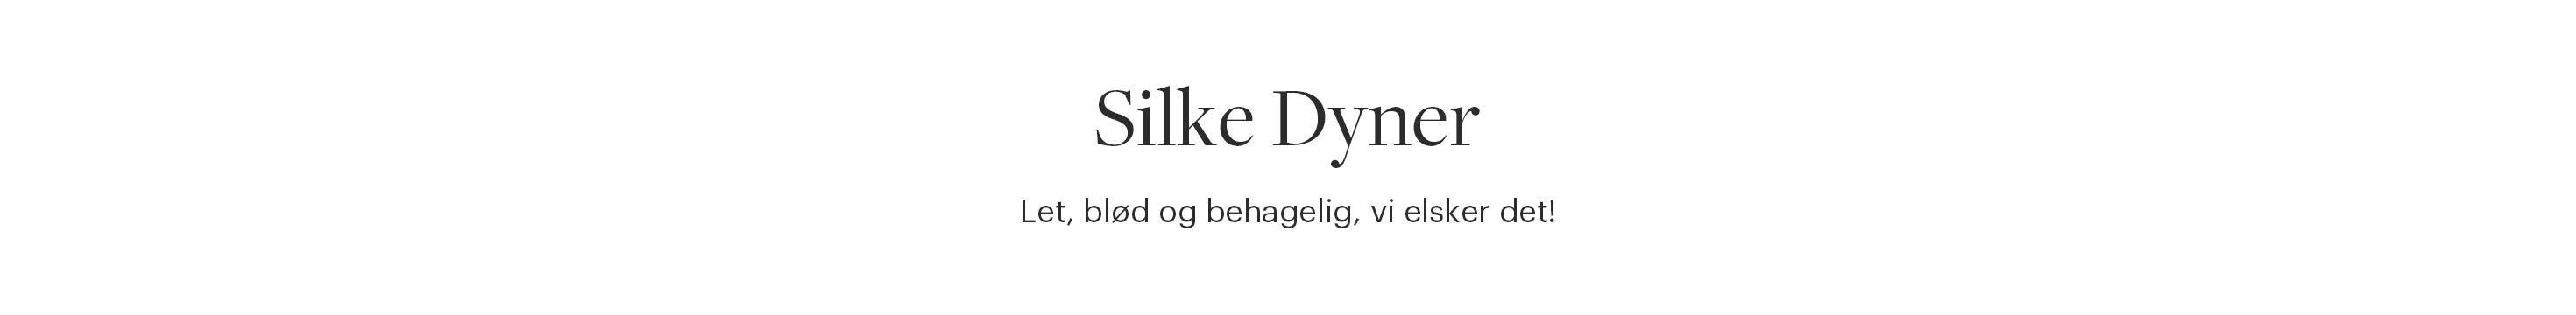 Silke Dyner